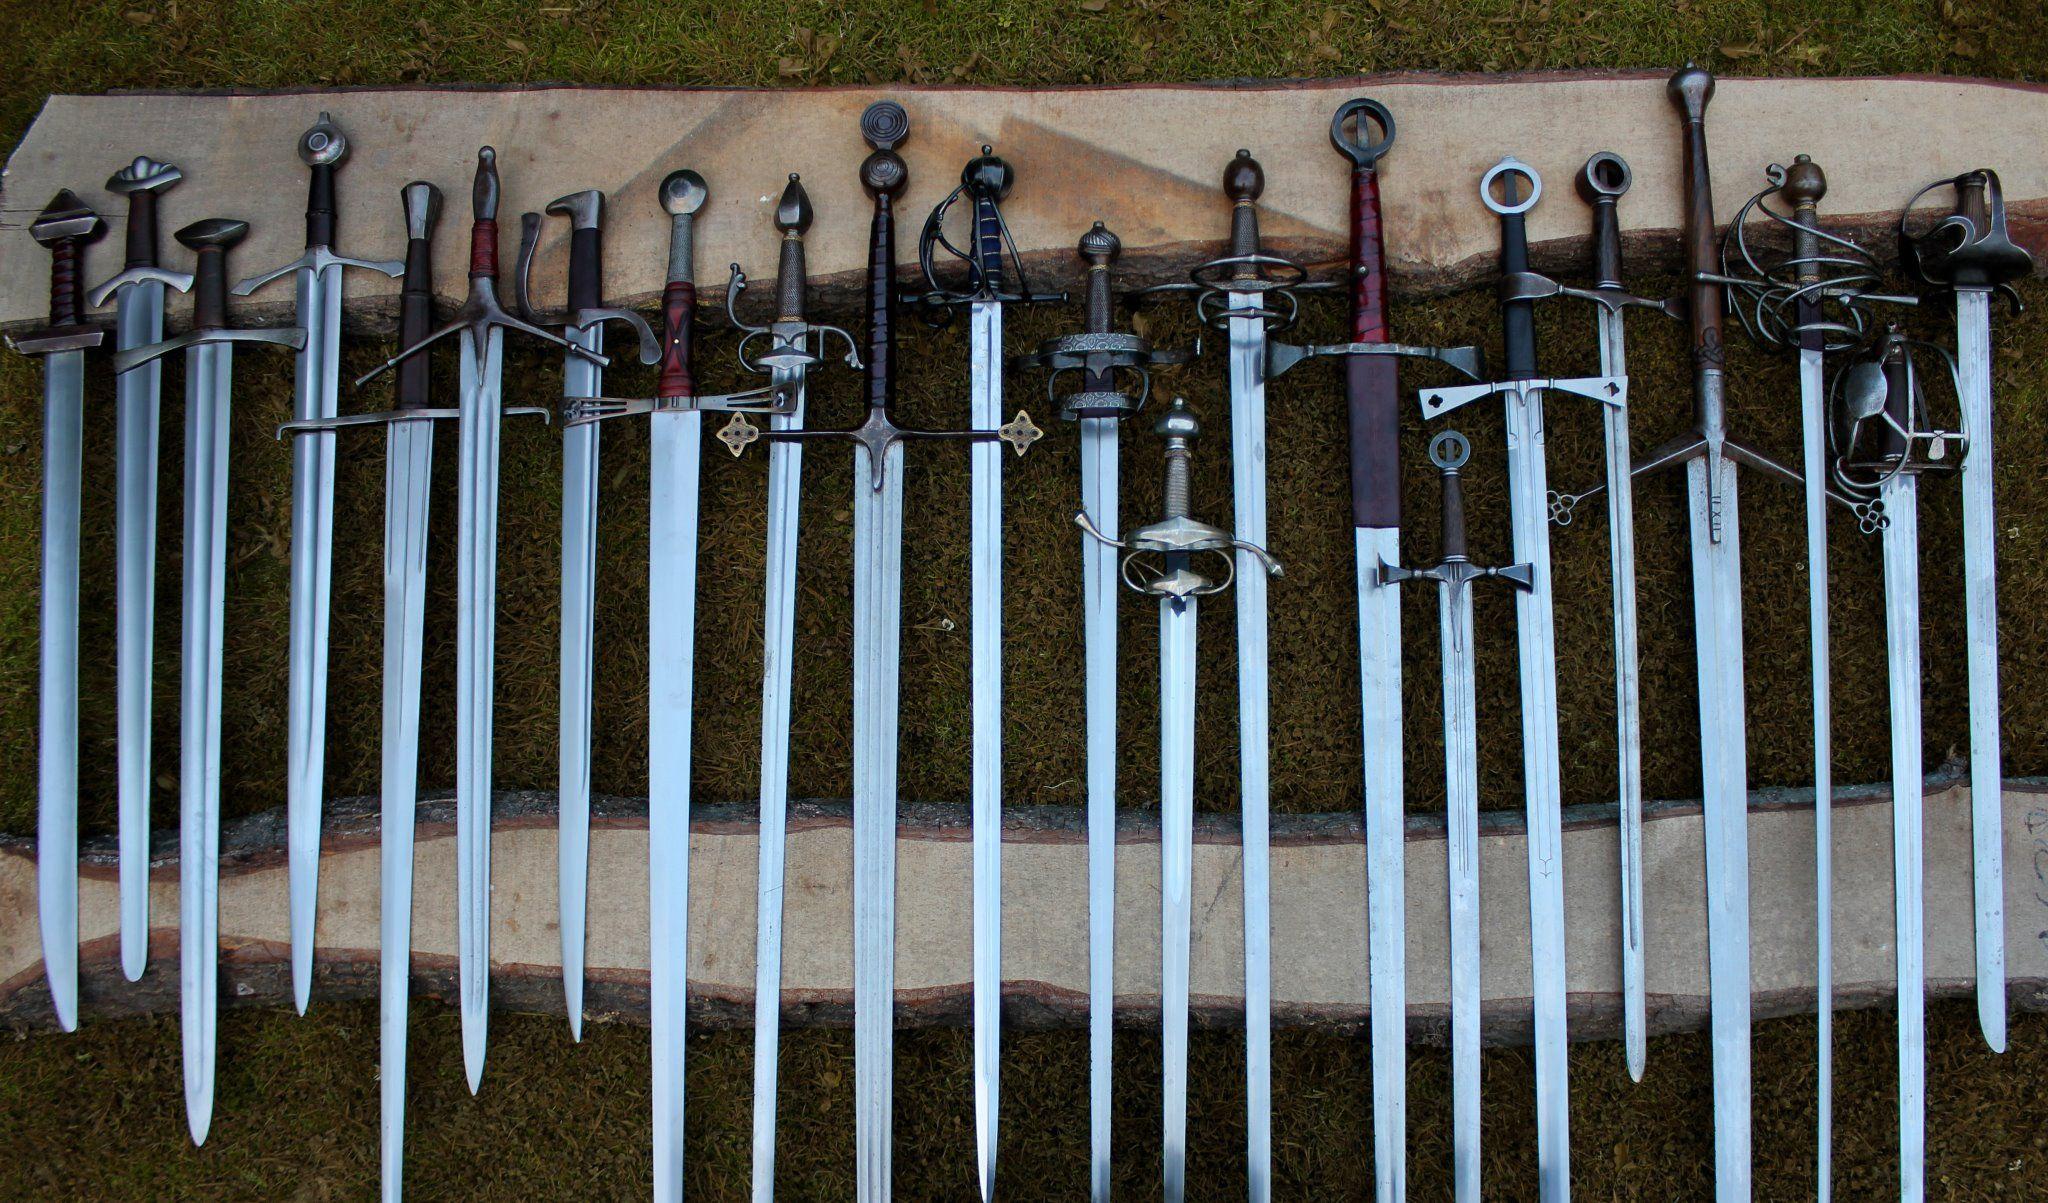 corrr! Sword, Game of thrones sword, Types of swords